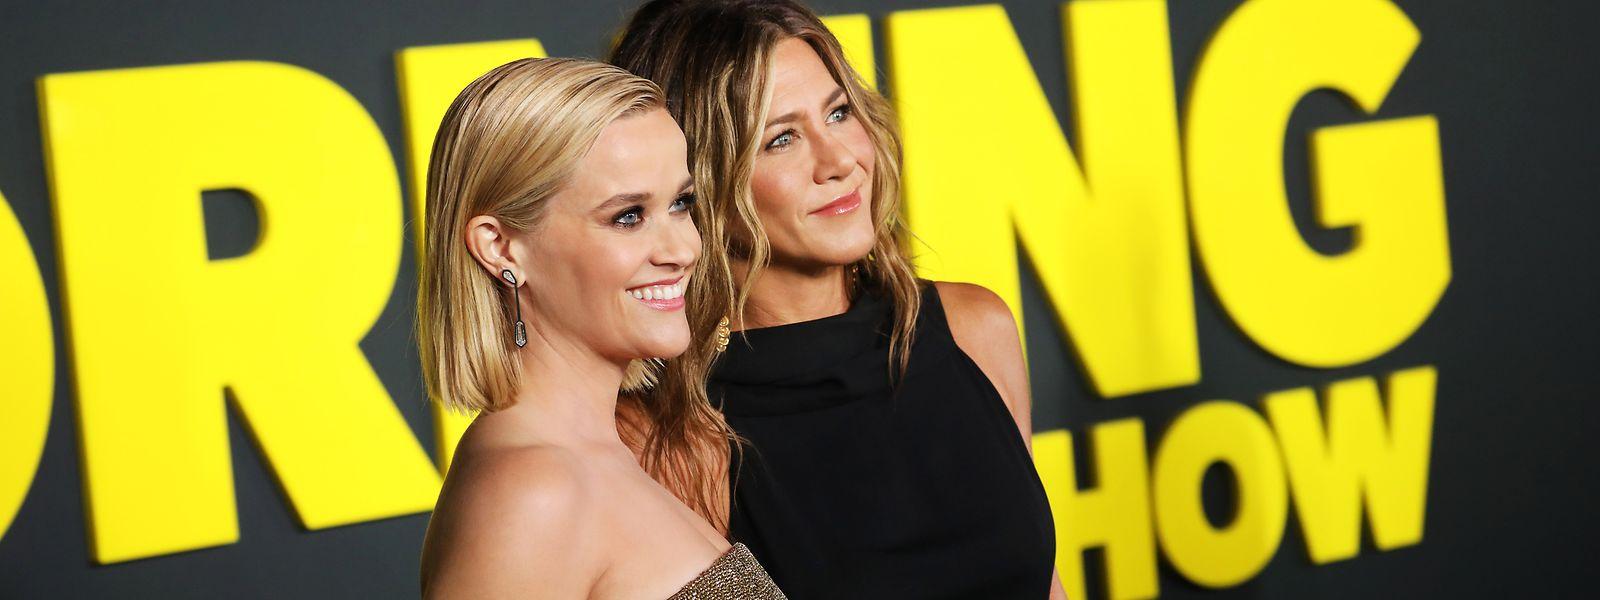 """Reese Witherspoon und Jennifer Aniston geben die starken Frauen in """"The Morning Show""""."""